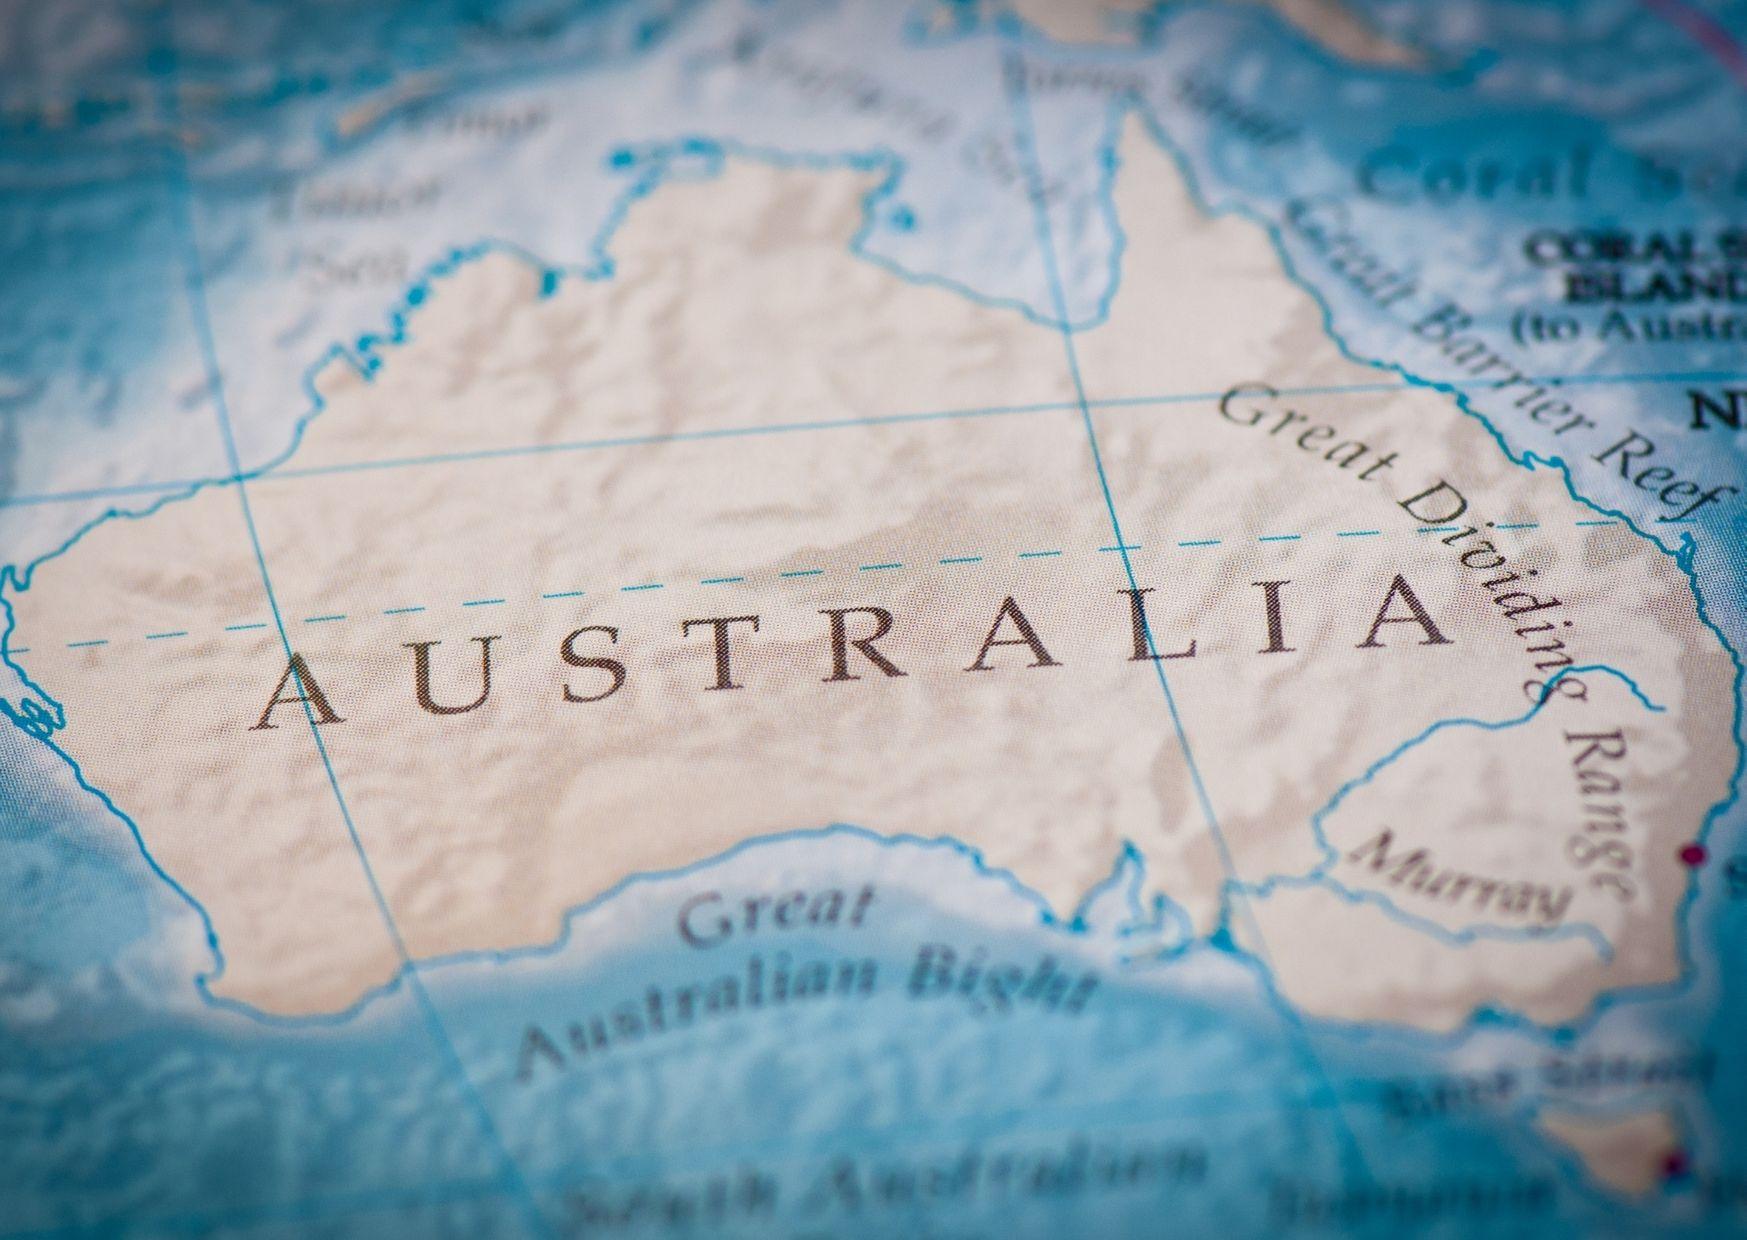 «Власти Австралии намерены истребить 2 миллиона кошек», - масштабный экоцид